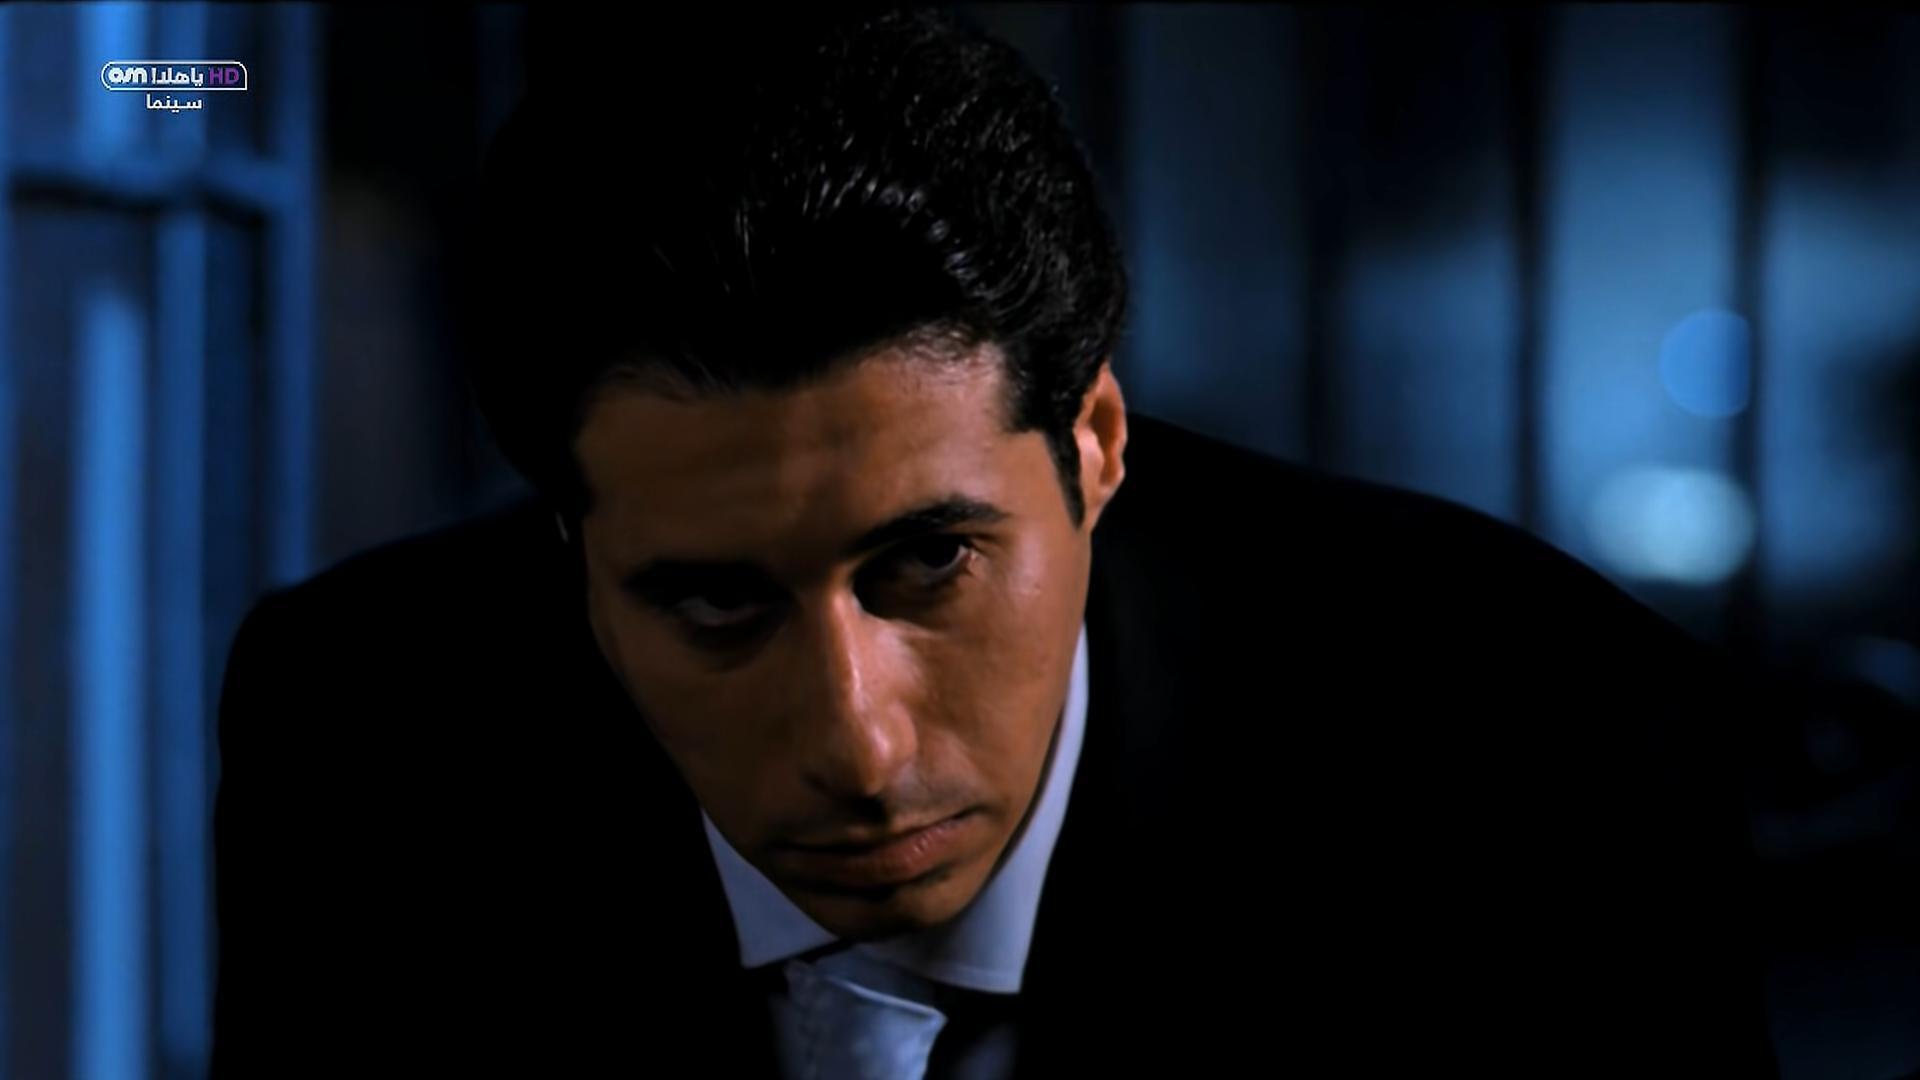 [فيلم][تورنت][تحميل][وش إجرام][2006][1080p][HDTV] 7 arabp2p.com